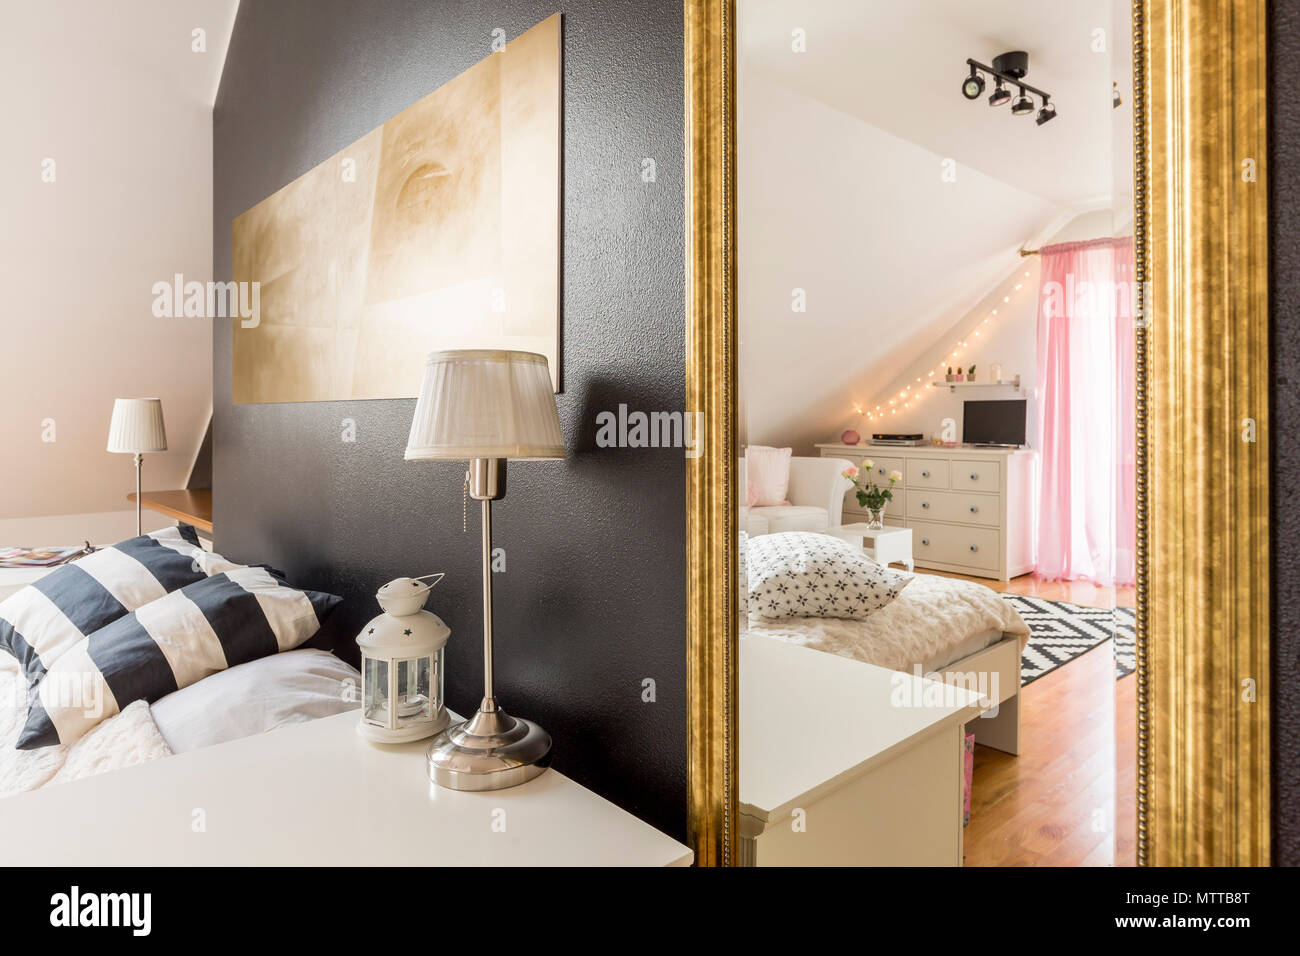 Nouvelle Chambre Avec Mur Noir Transparent Ouvert à Une Chambre à Coucher  Spacieuse, Lumineuse Avec Des Meubles Blancs